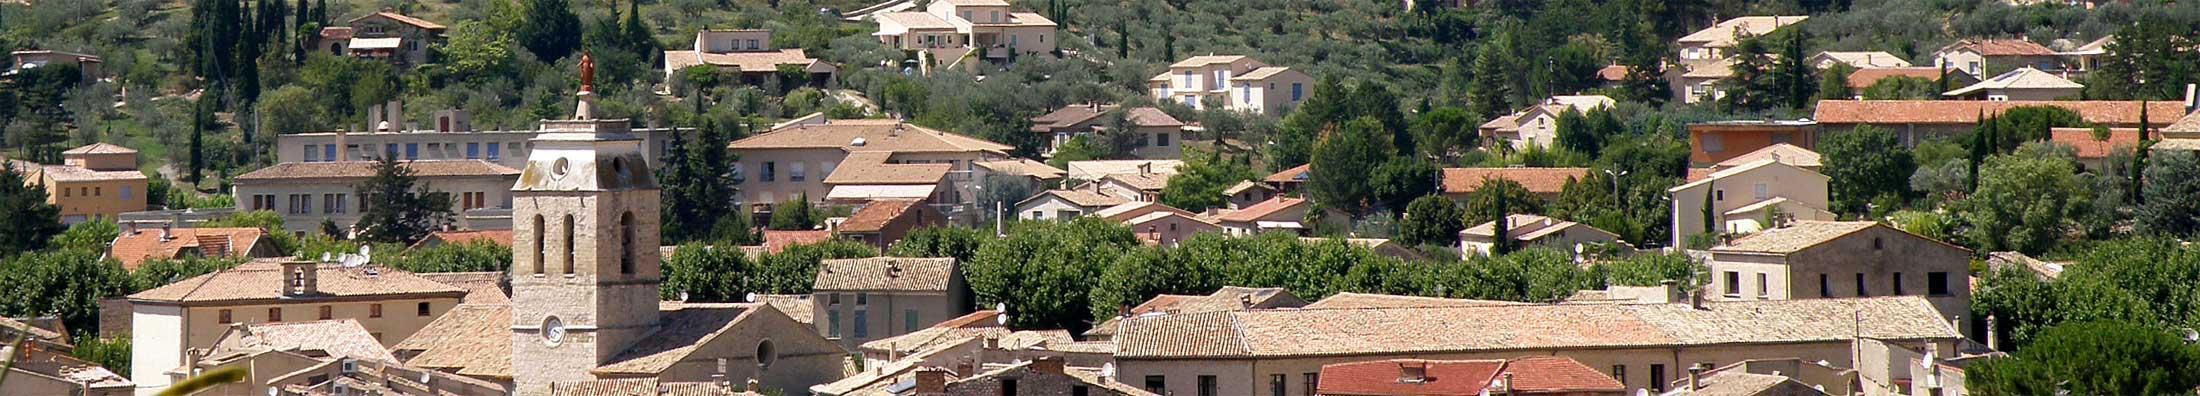 Beste Bed and Breakfast - B&B La Serenade - Mont Ventoux - hoofding